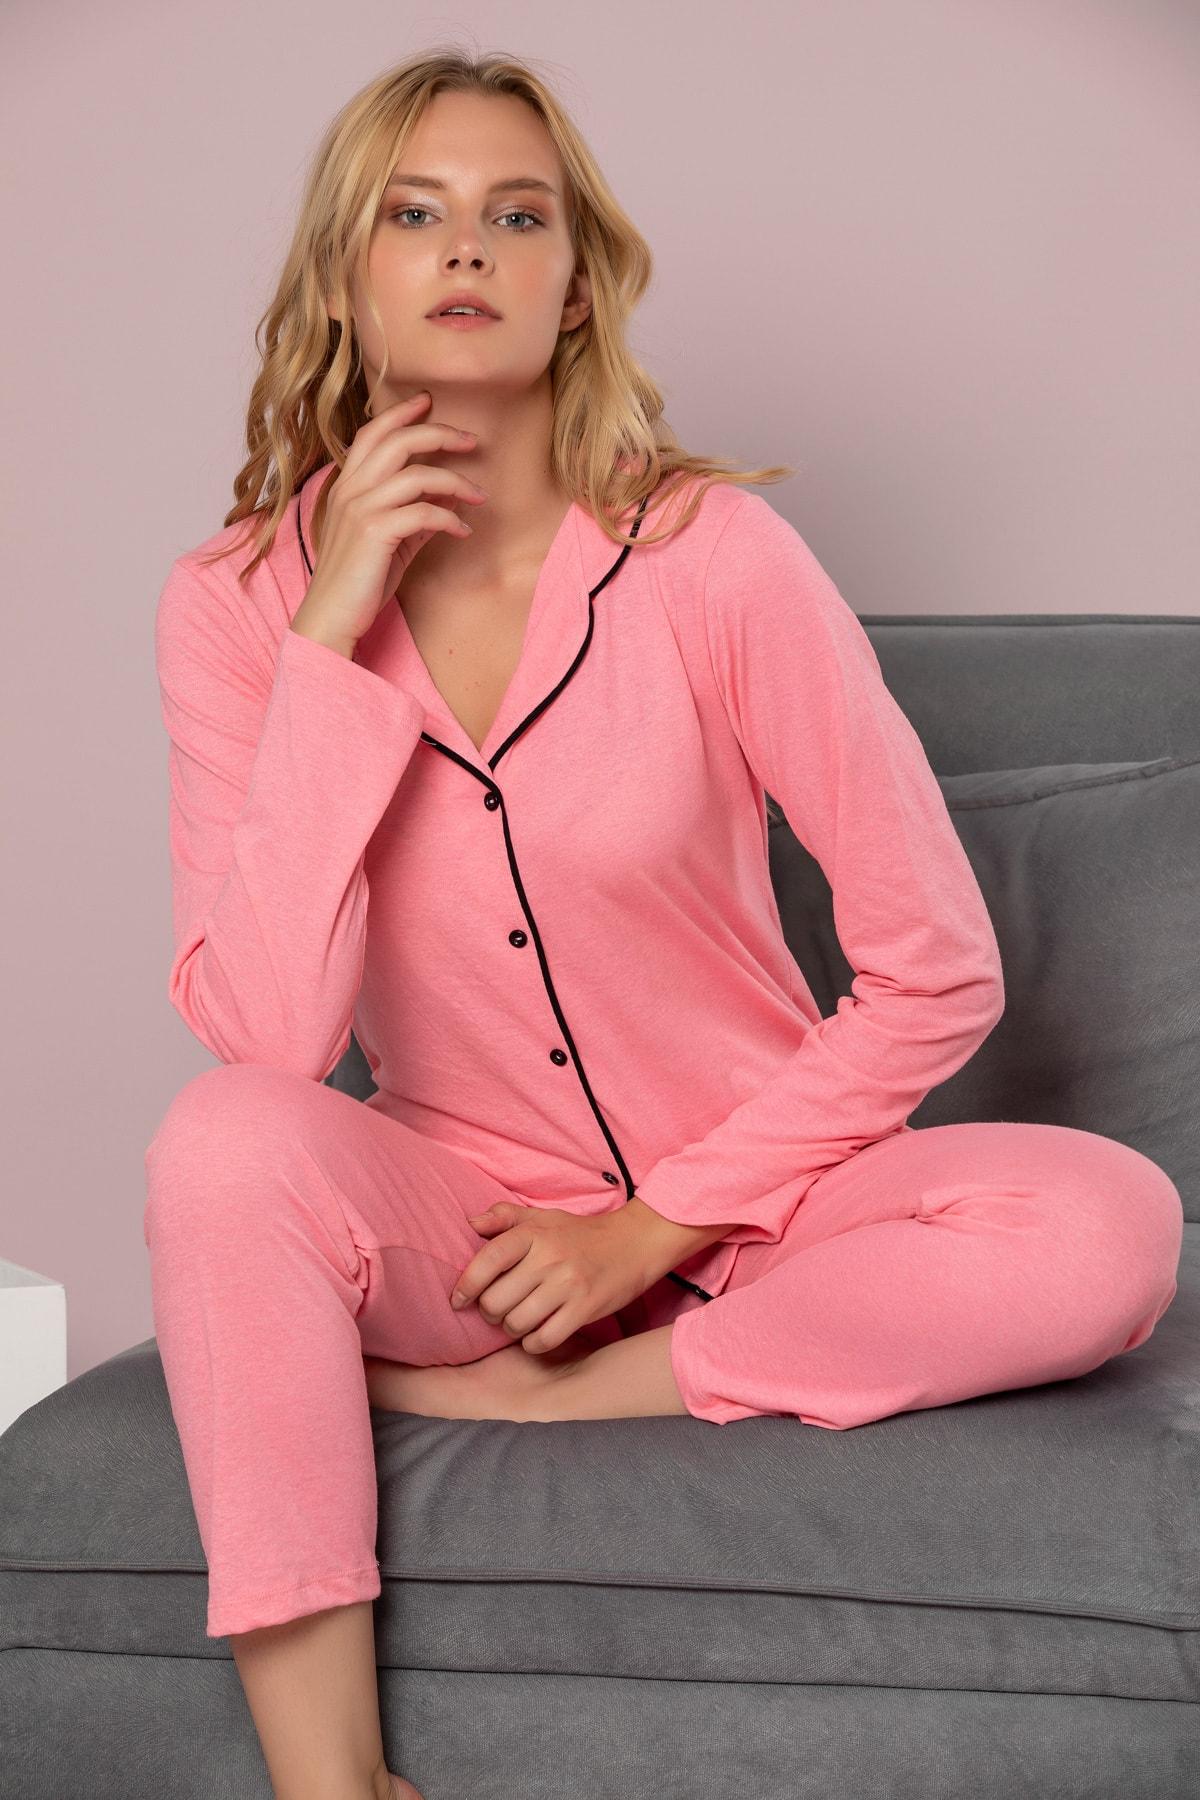 STRAWBERRY Kadın Nar Çiçeği Pamuklu Düğmeli Pijama Takim